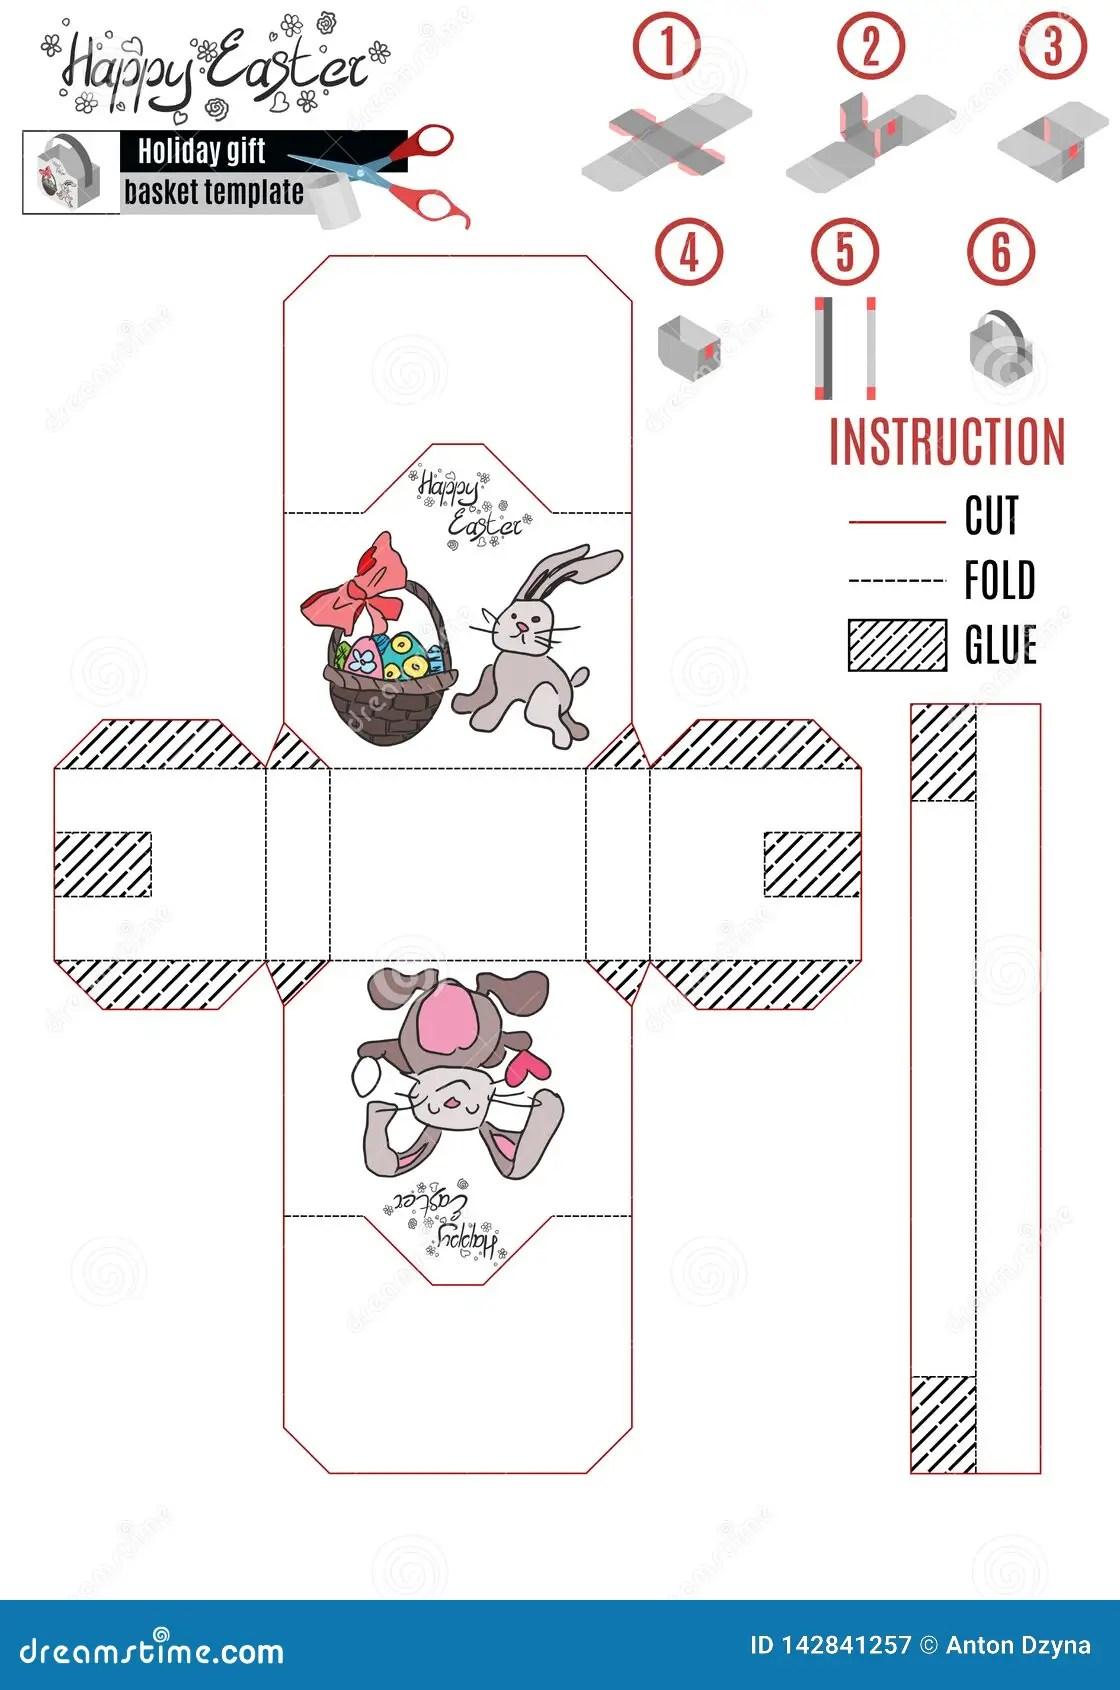 Easter Basket Paper Template Kids With Rabbit And Basket Stock Illustration Illustration Of Illustration Hide 142841257